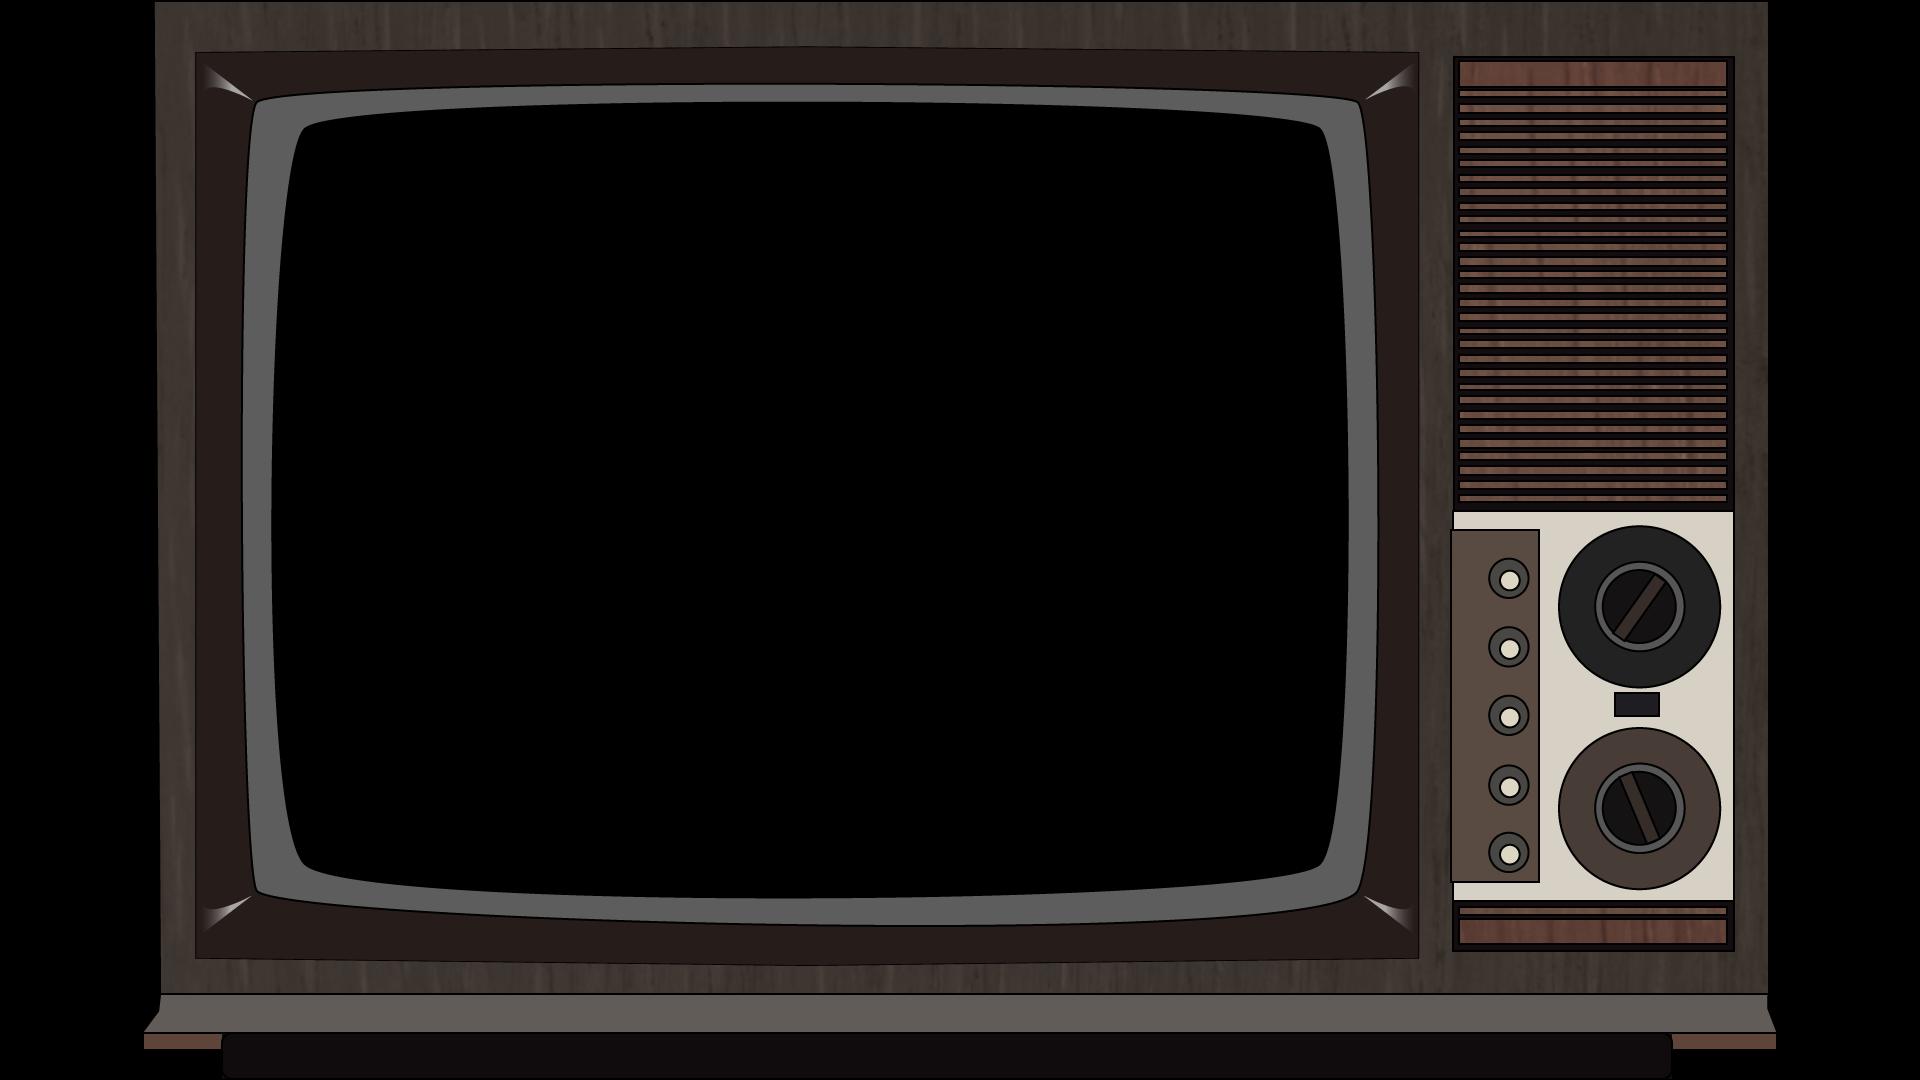 Old Television Png Image Vintage Tv Framed Tv Television